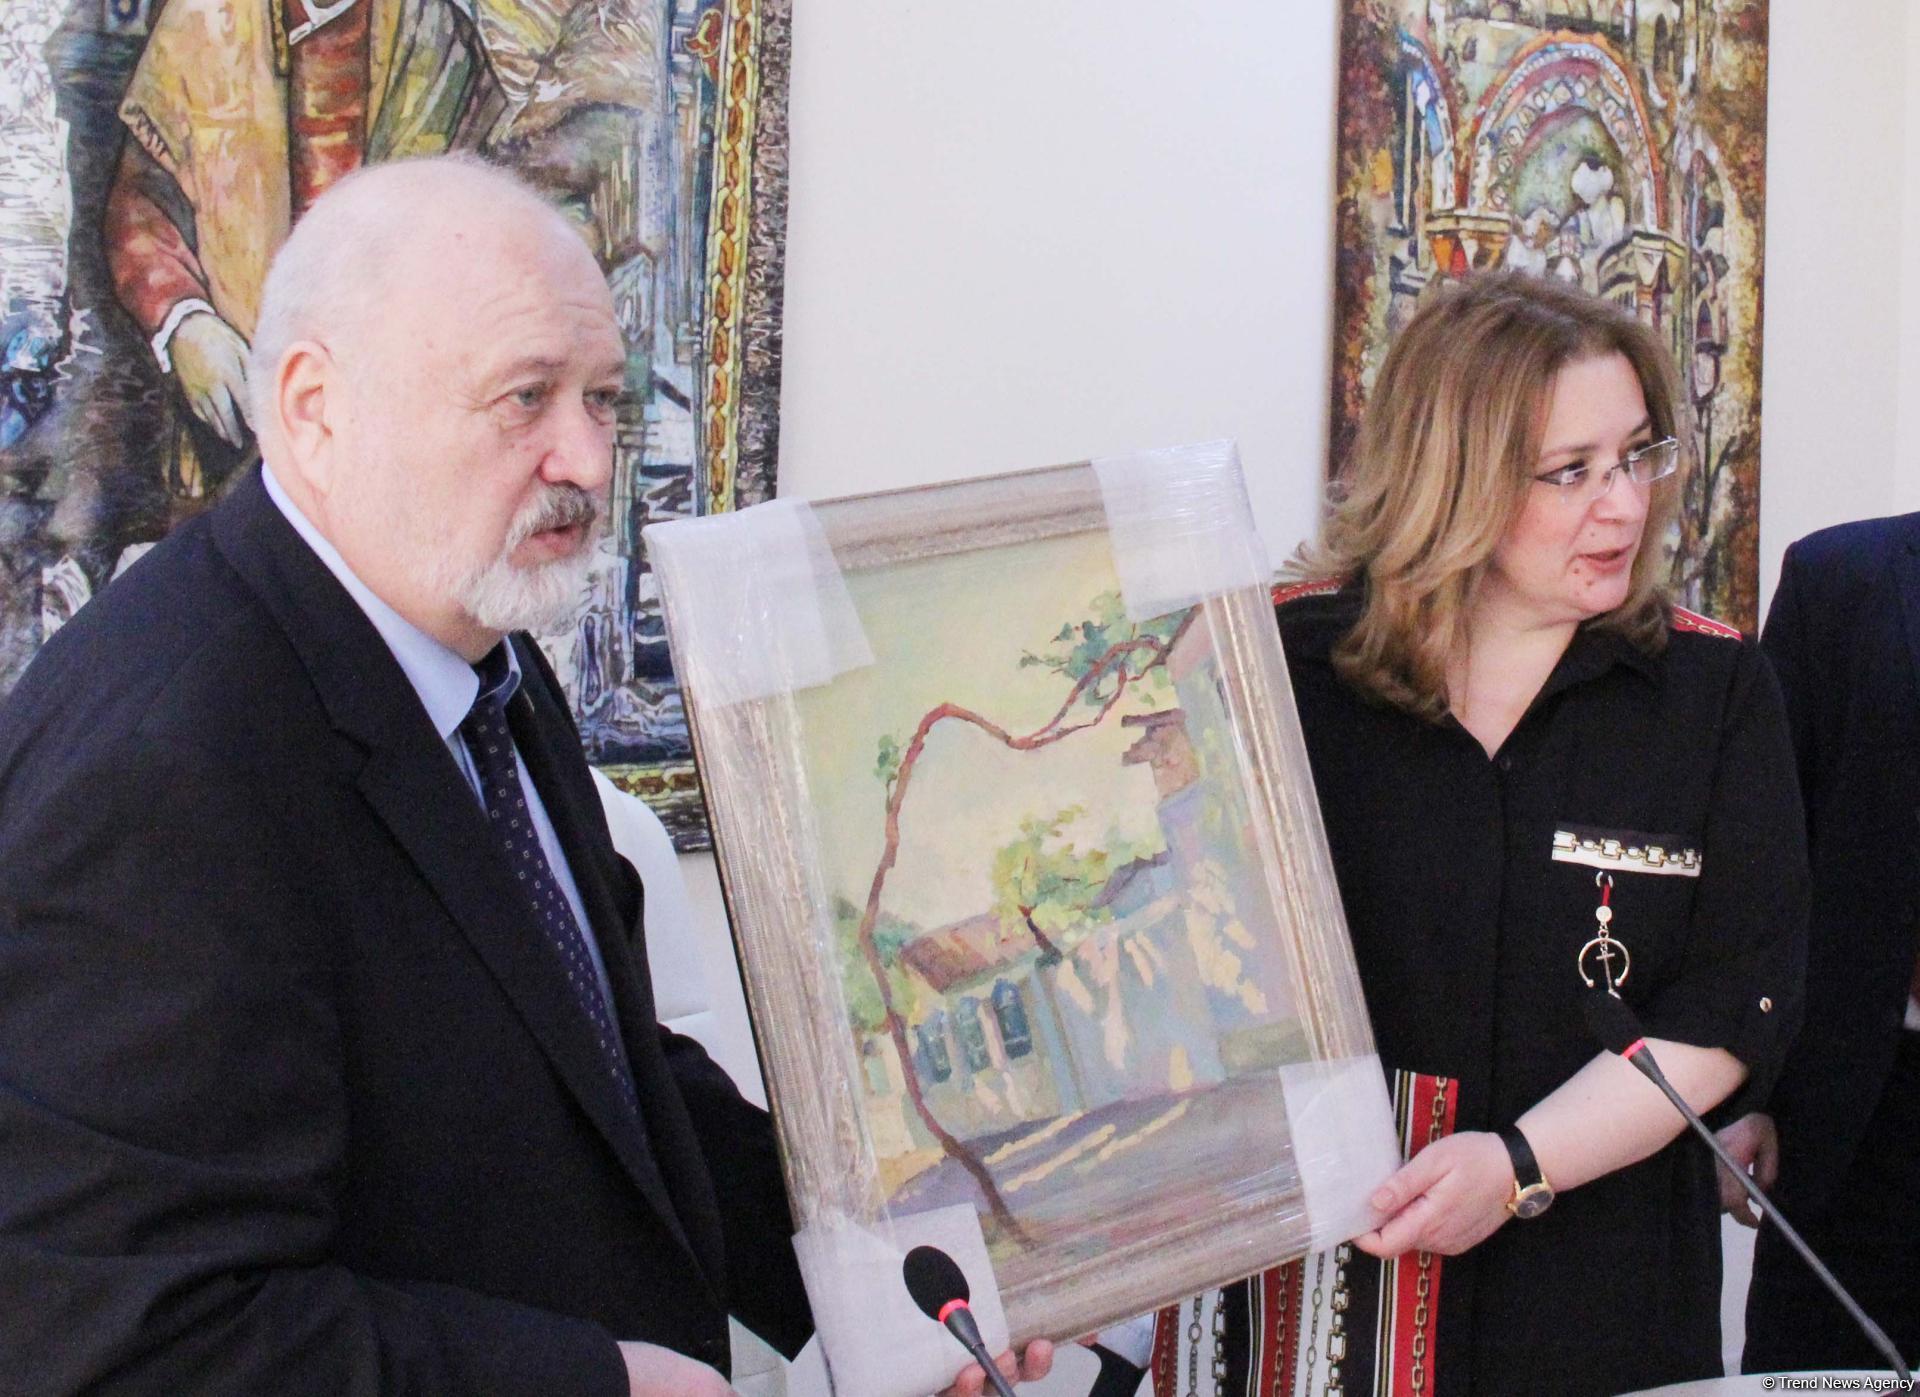 Азербайджанскими сладостями и песнями отметили 100-летие ВГИКа в Баку (ФОТО)